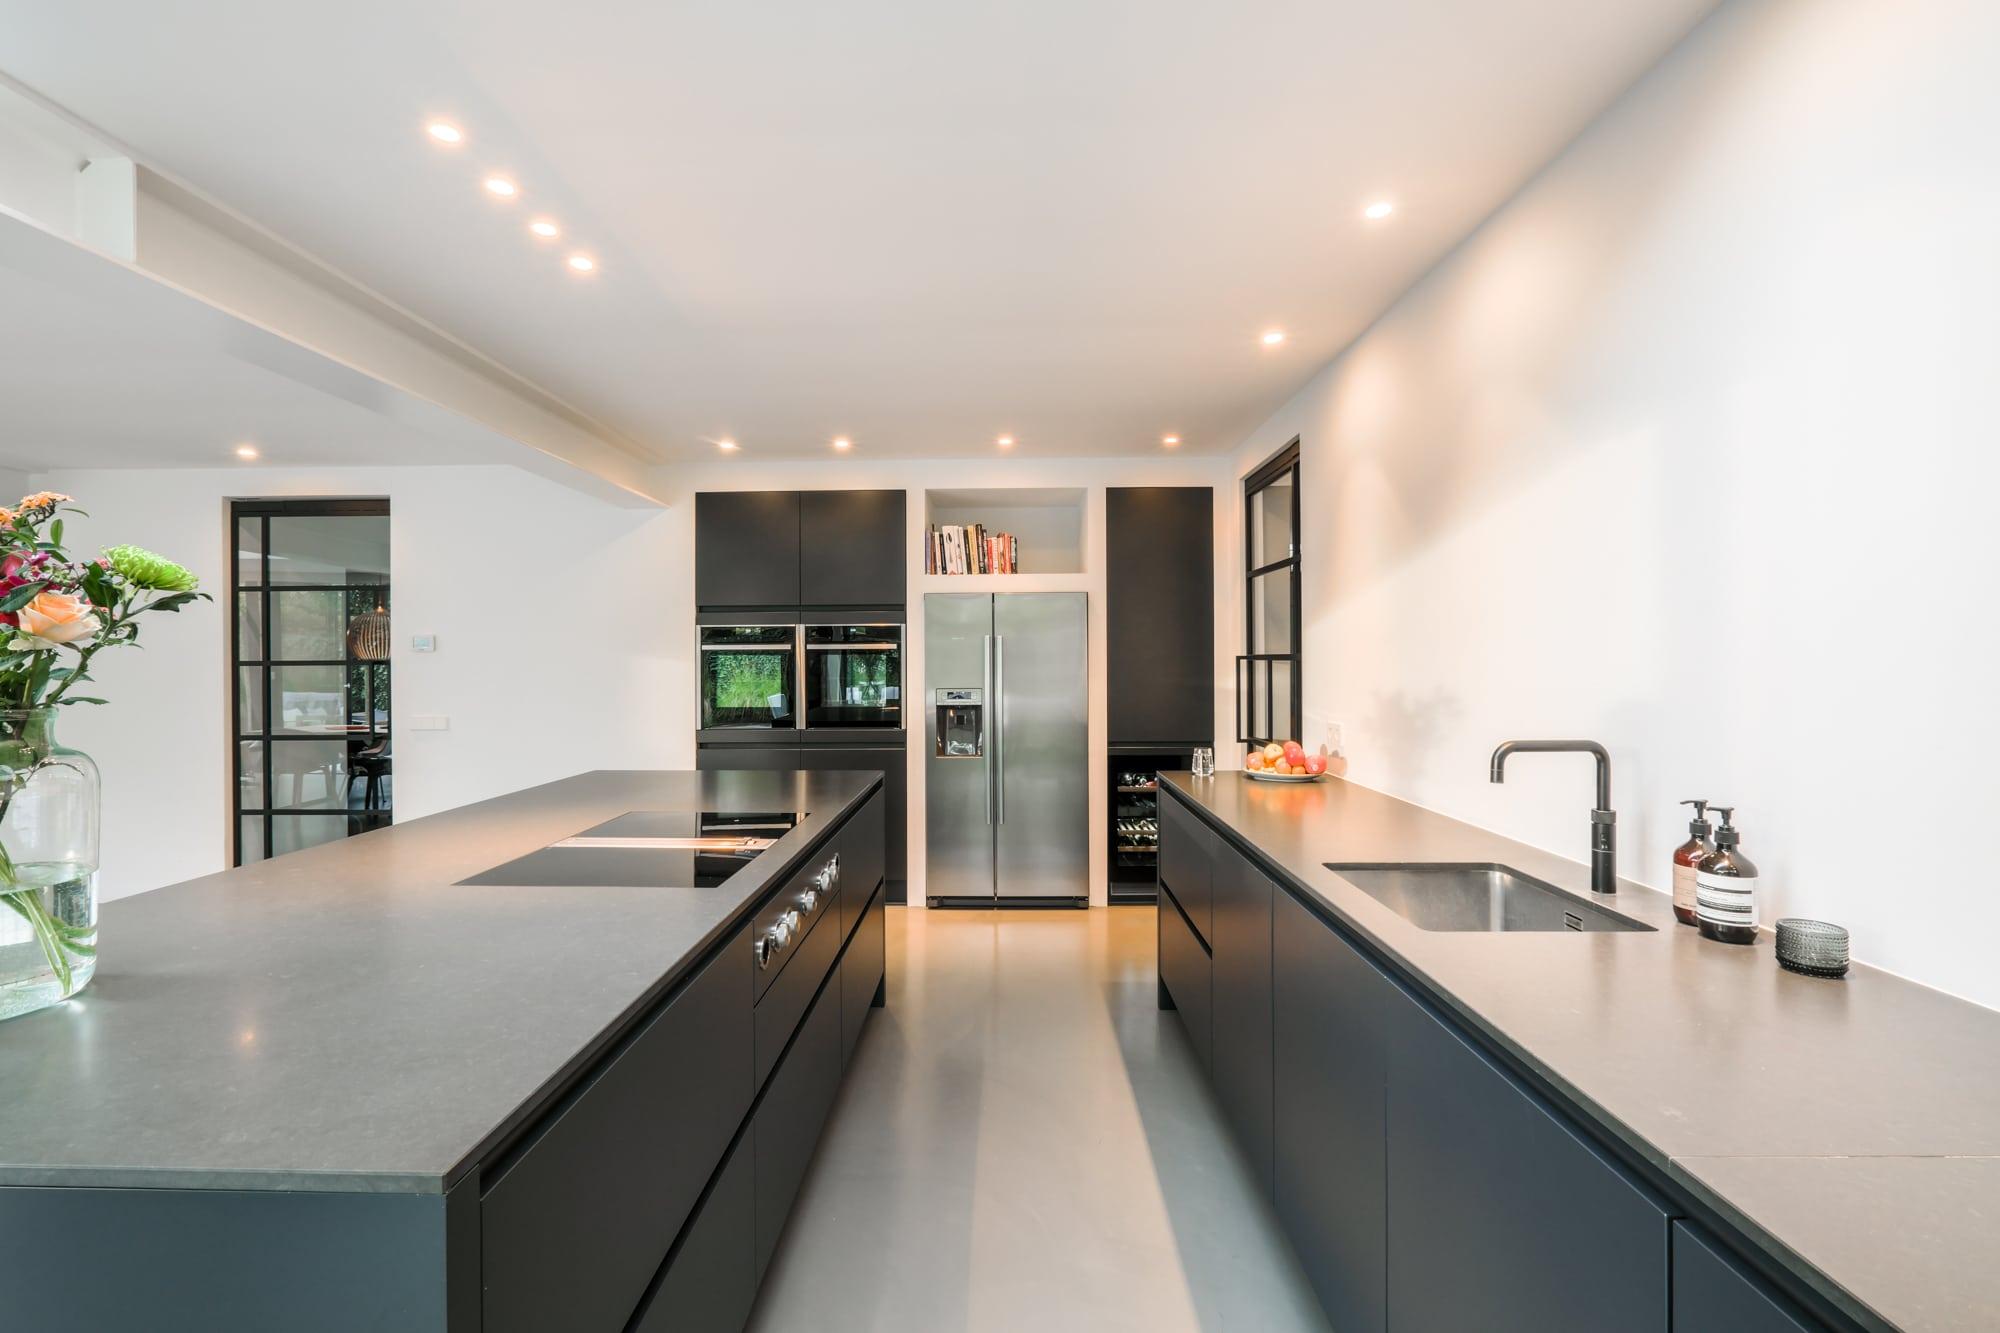 van-os-architecten-breda-ontwerp-moderne-aanbouw-met-aluminium-vouwschuifpui-matzwarte-keuken-met-kookeiland